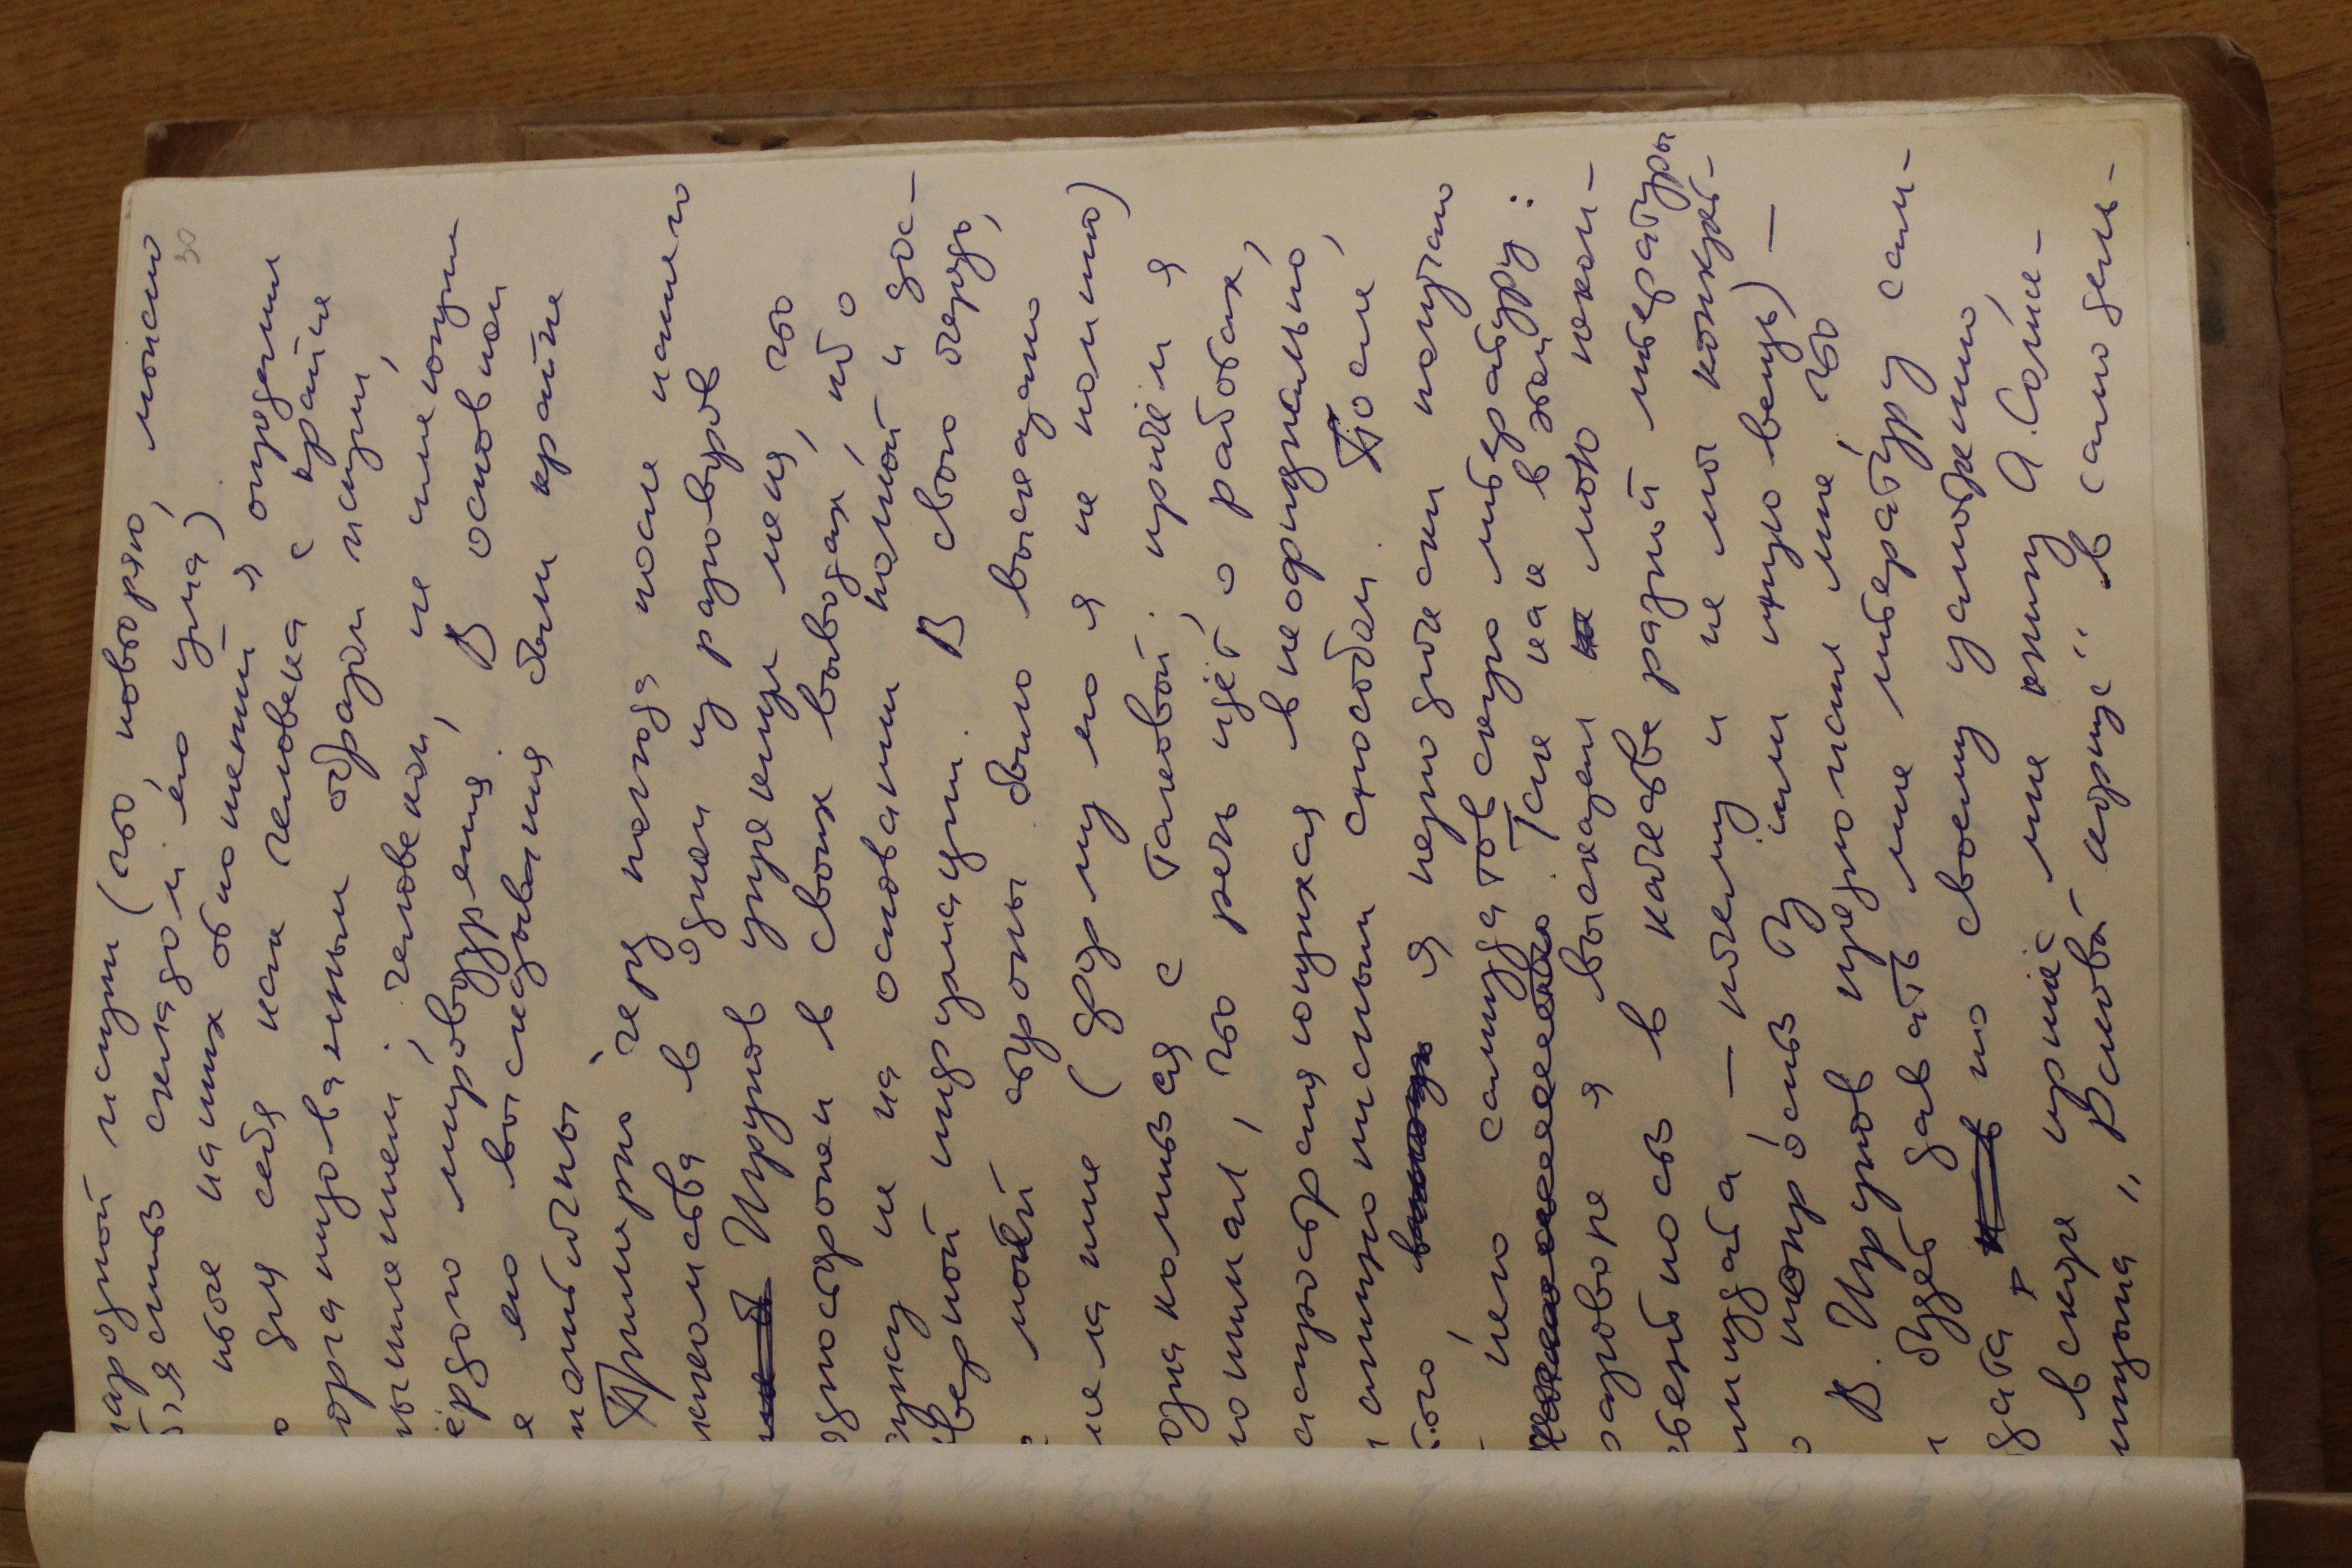 Объяснение Павловского с перечнем взятых у Игрунова книг